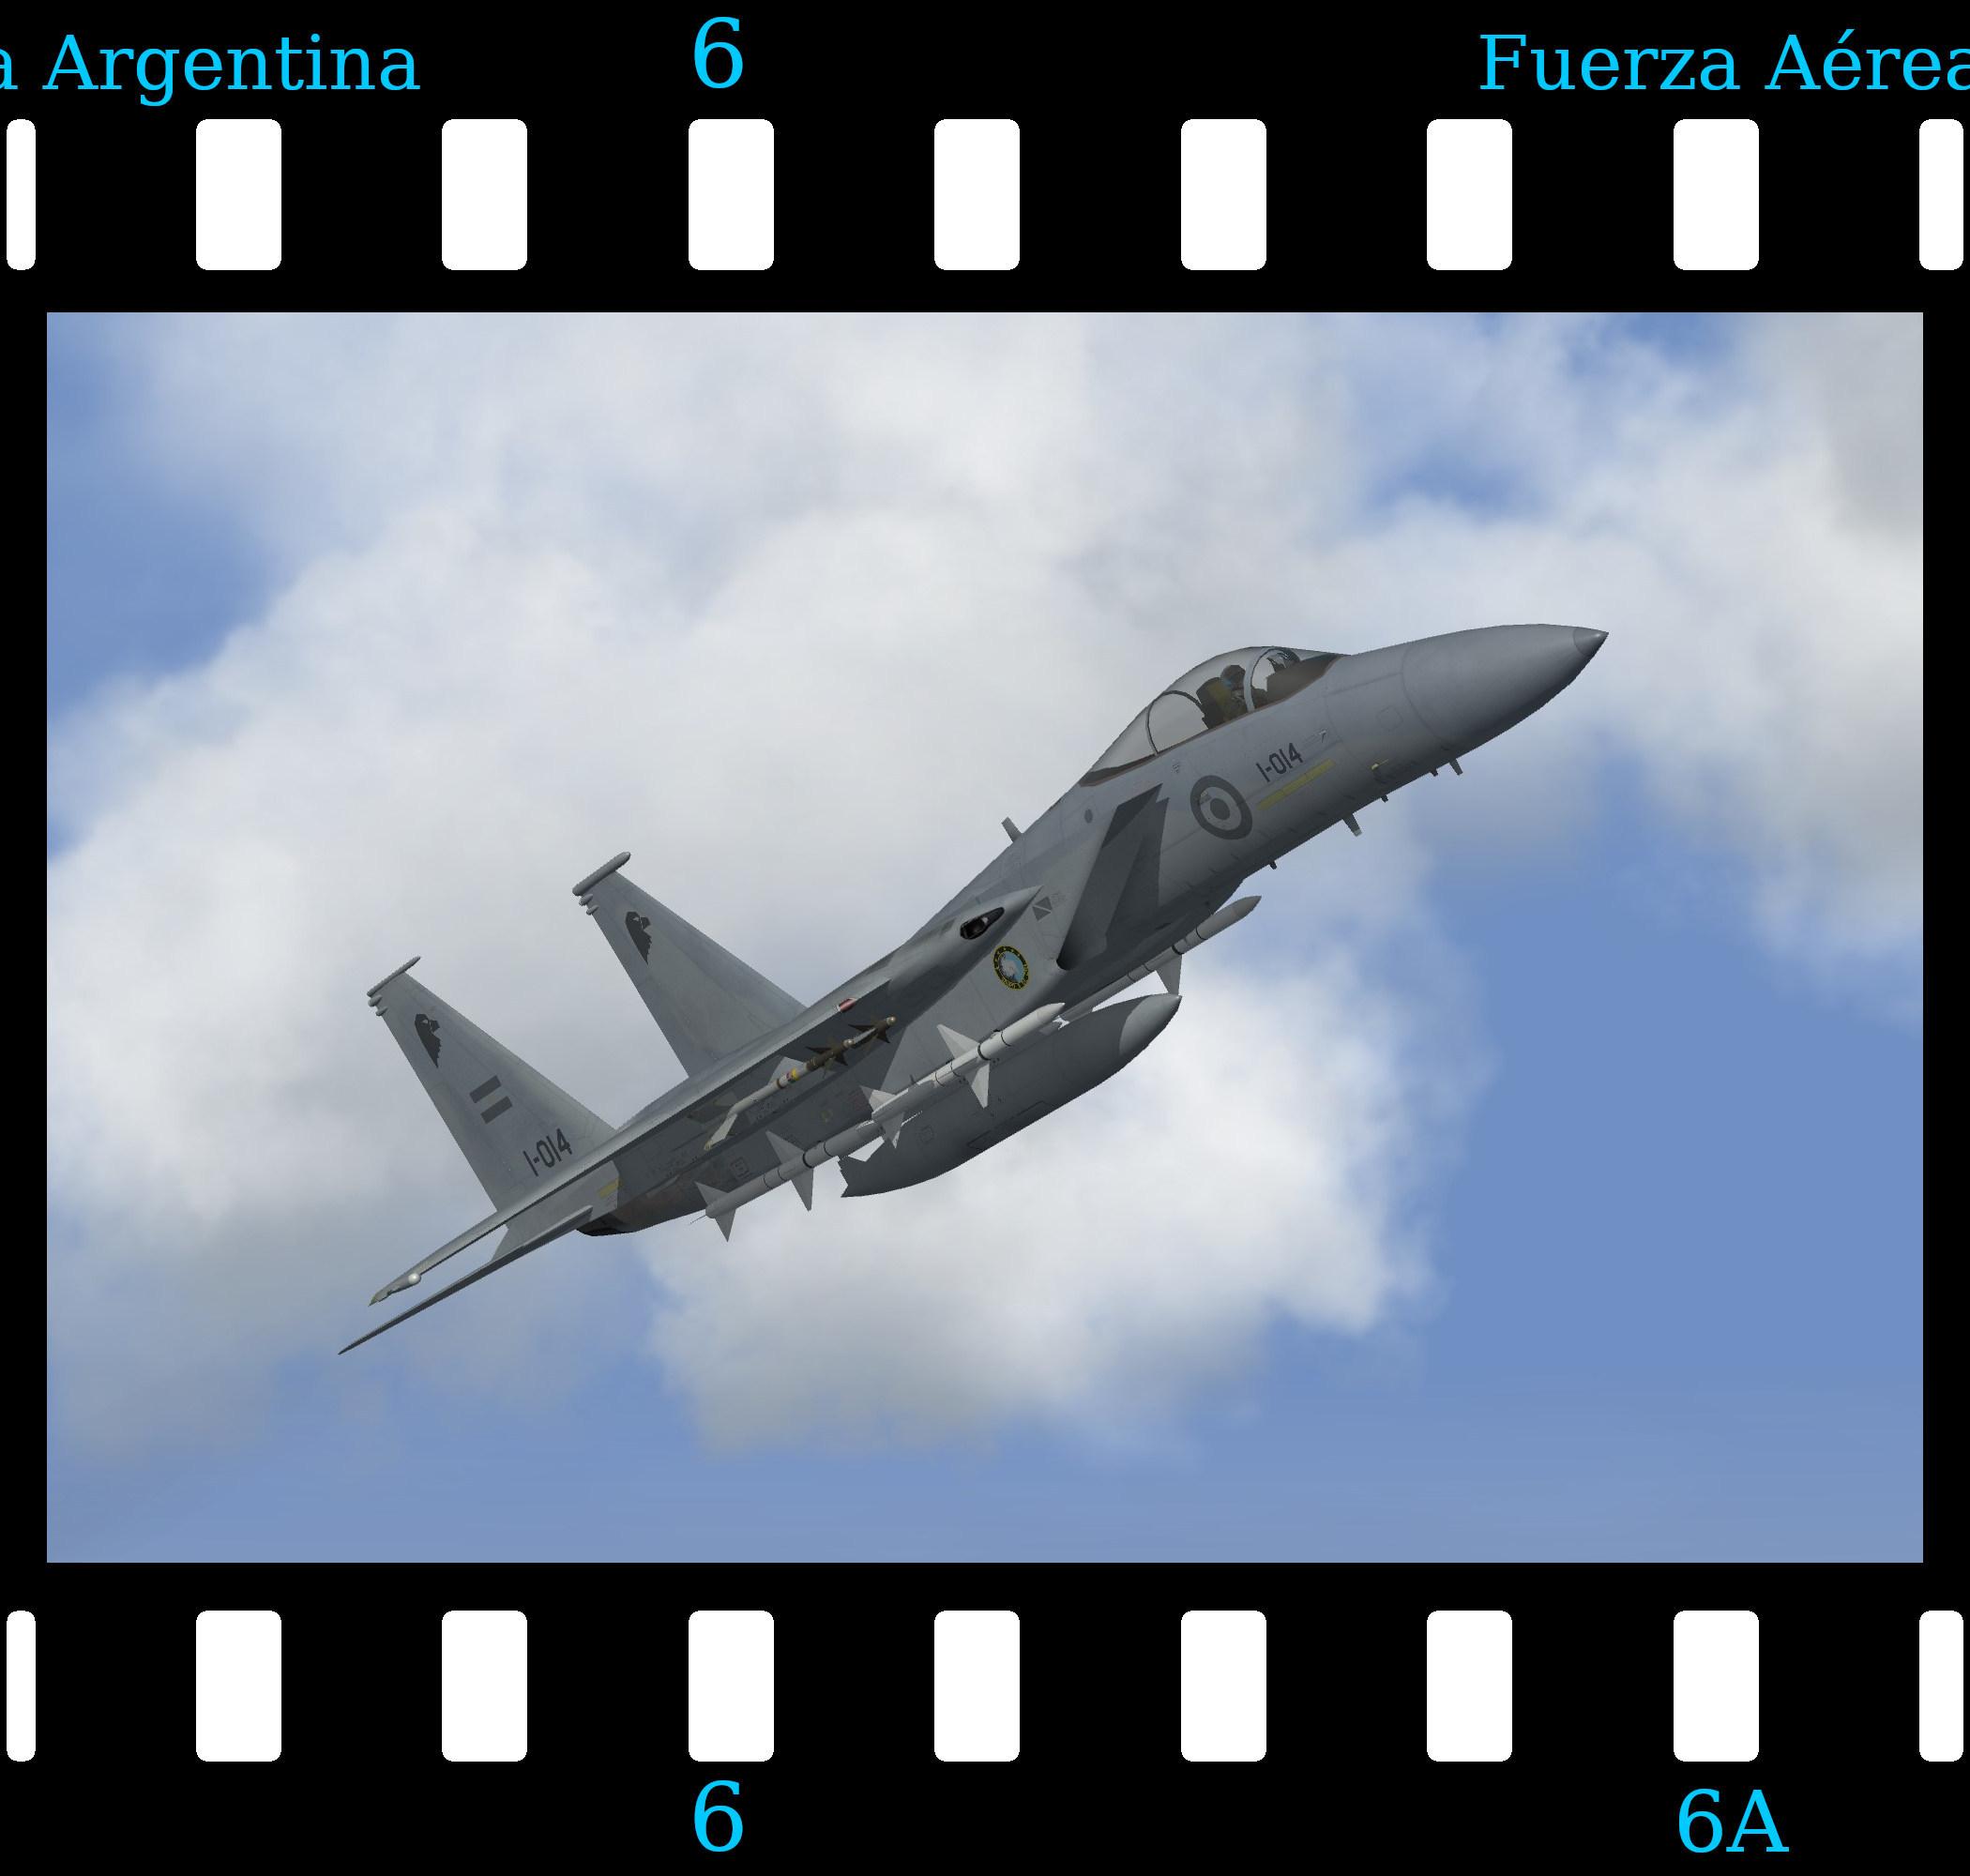 [Fictional] McDonnell Douglas F-15A Eagle 'Argentina'